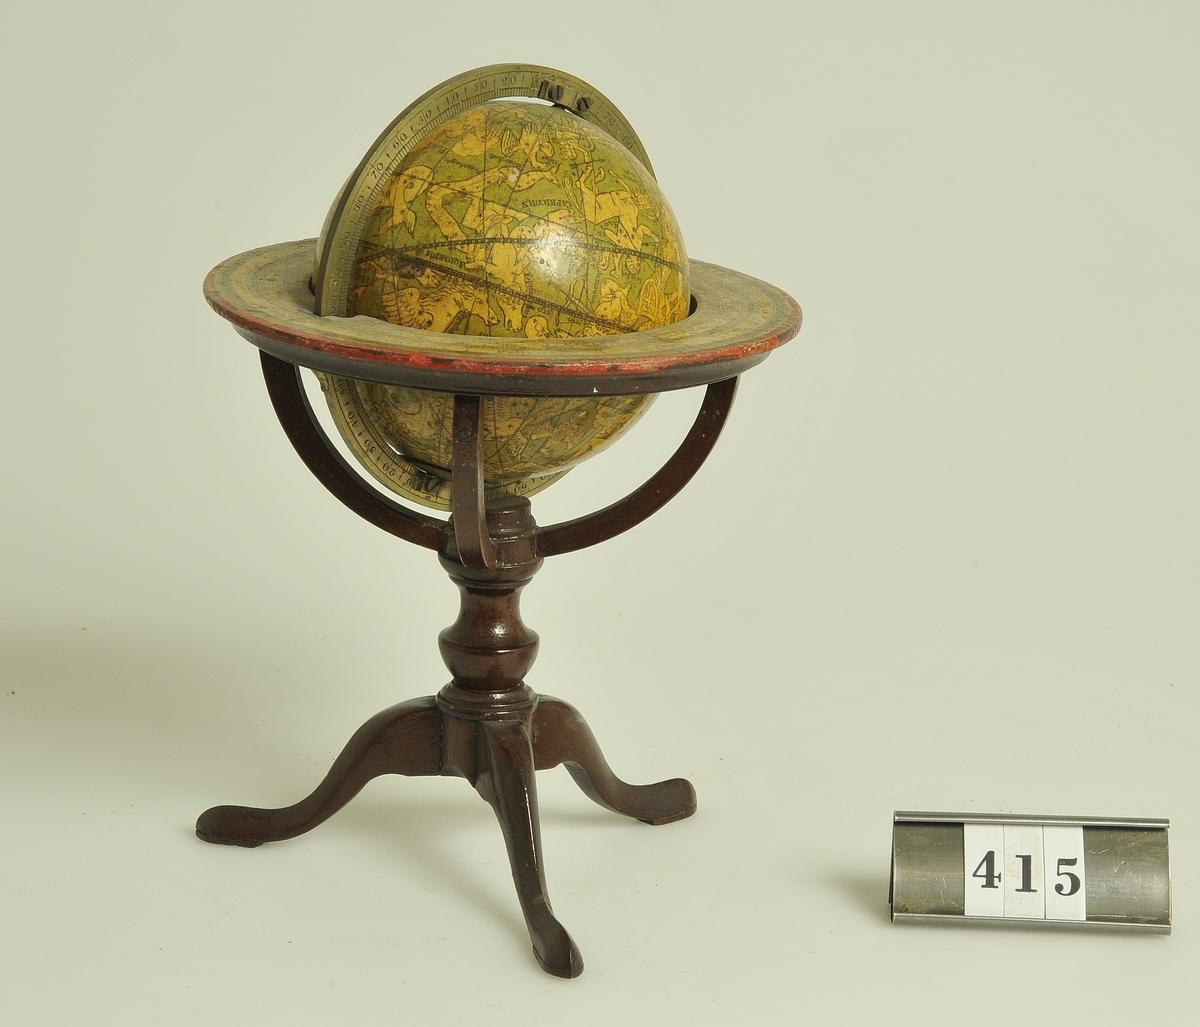 Stjärnglob av liten bordsmodell, svarvad träställning. Enligt uppgift av Lotten Winberg, Alingsås har stjärngloben varit auktionsföremål efter hennes far, major Winberg.